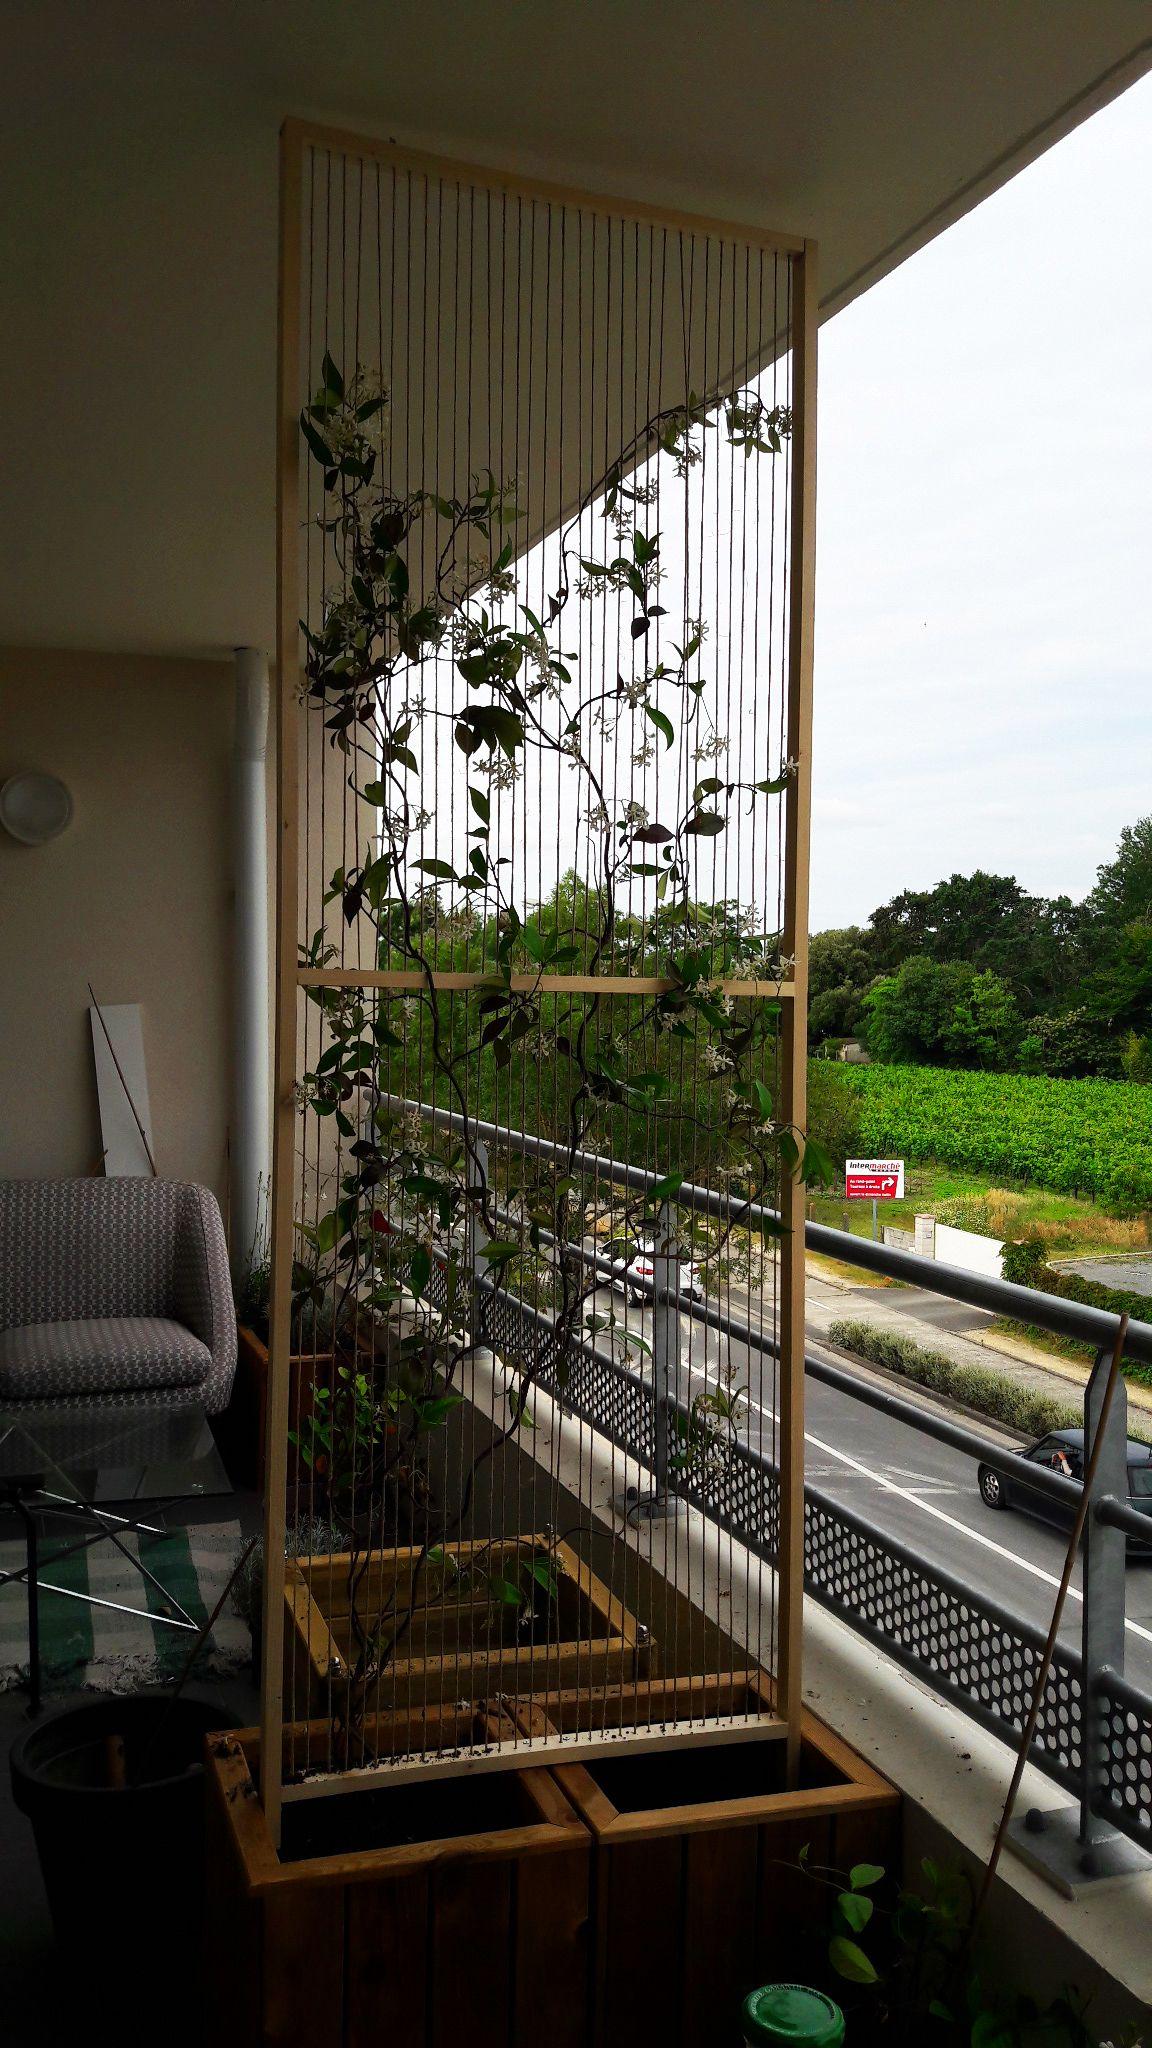 Epingle Par Thierry Benard Sur Bricolage En 2020 Plante Grimpante Plante Balcon Idee Amenagement Exterieur